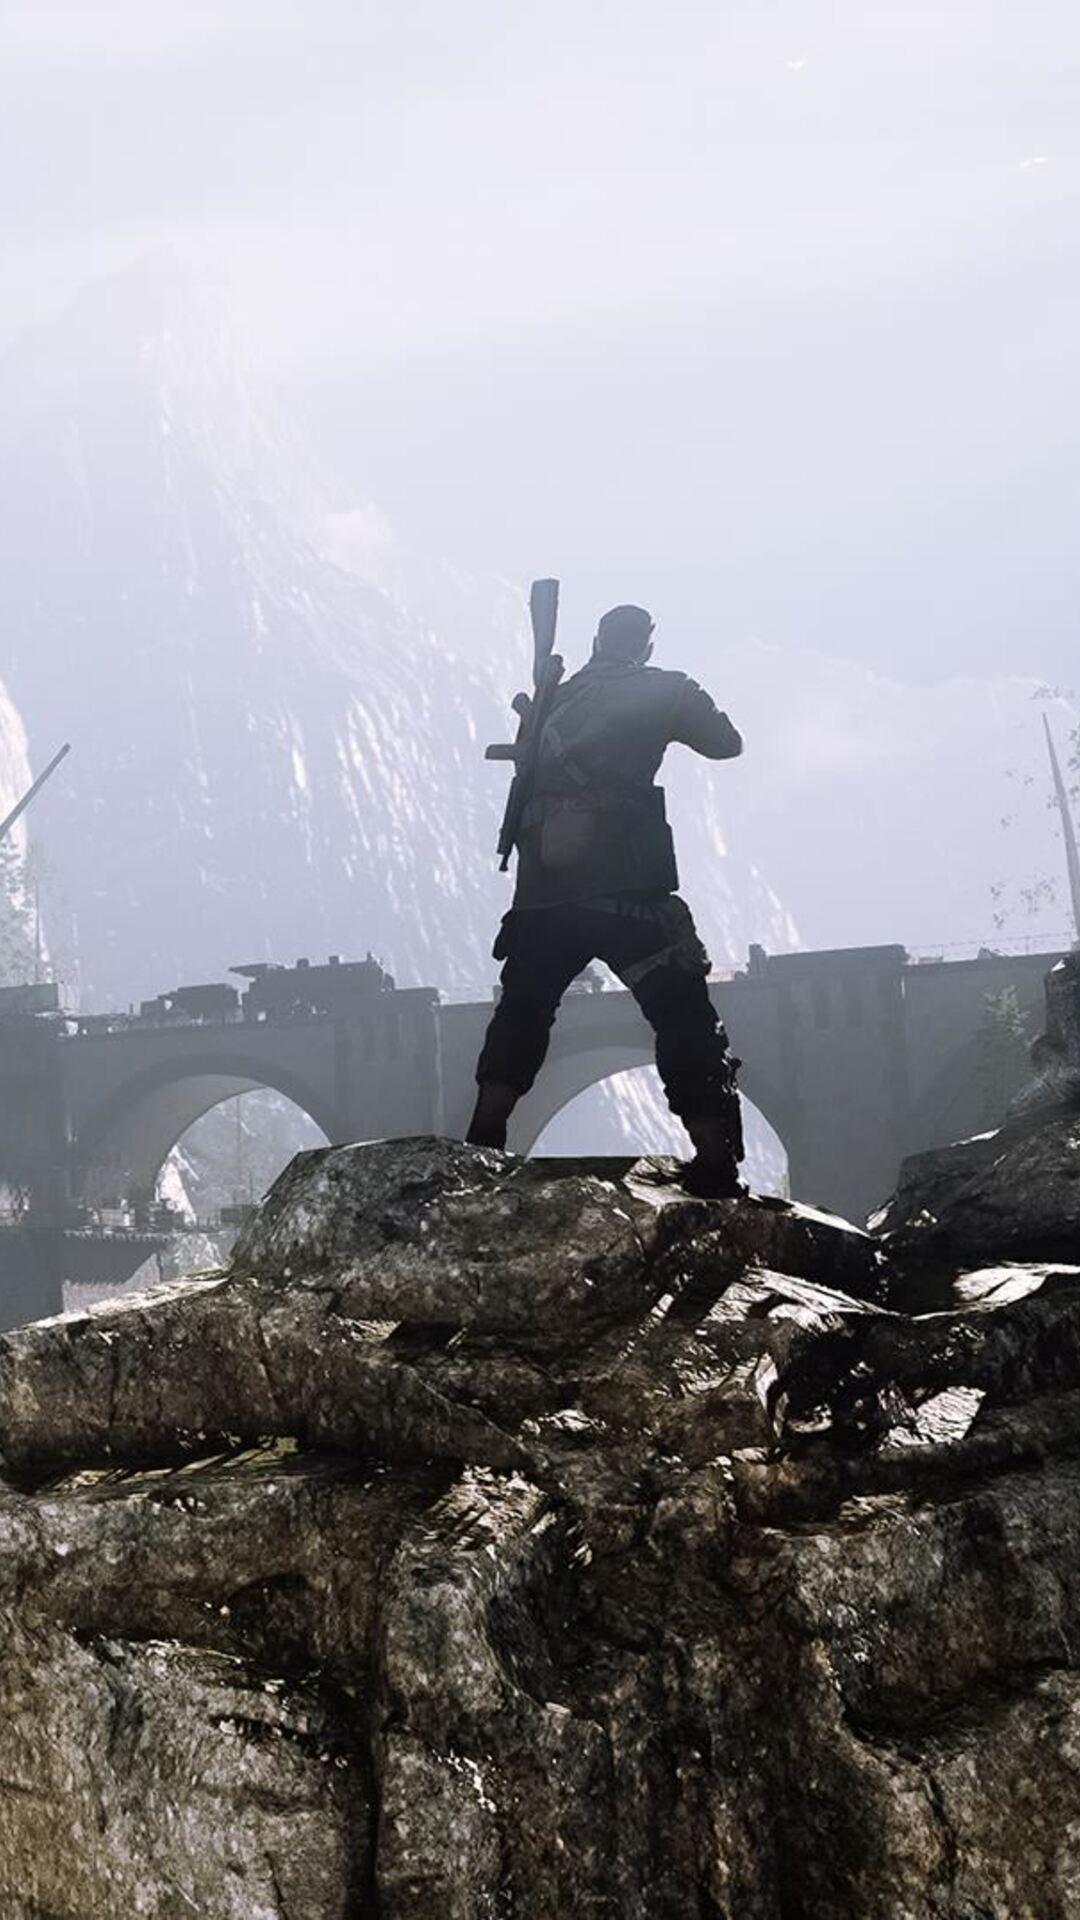 1080x1920 sniper elite 4 2016 game iphone 76s6 plus pixel xl one sniper elite 4 2016 game wideg voltagebd Images